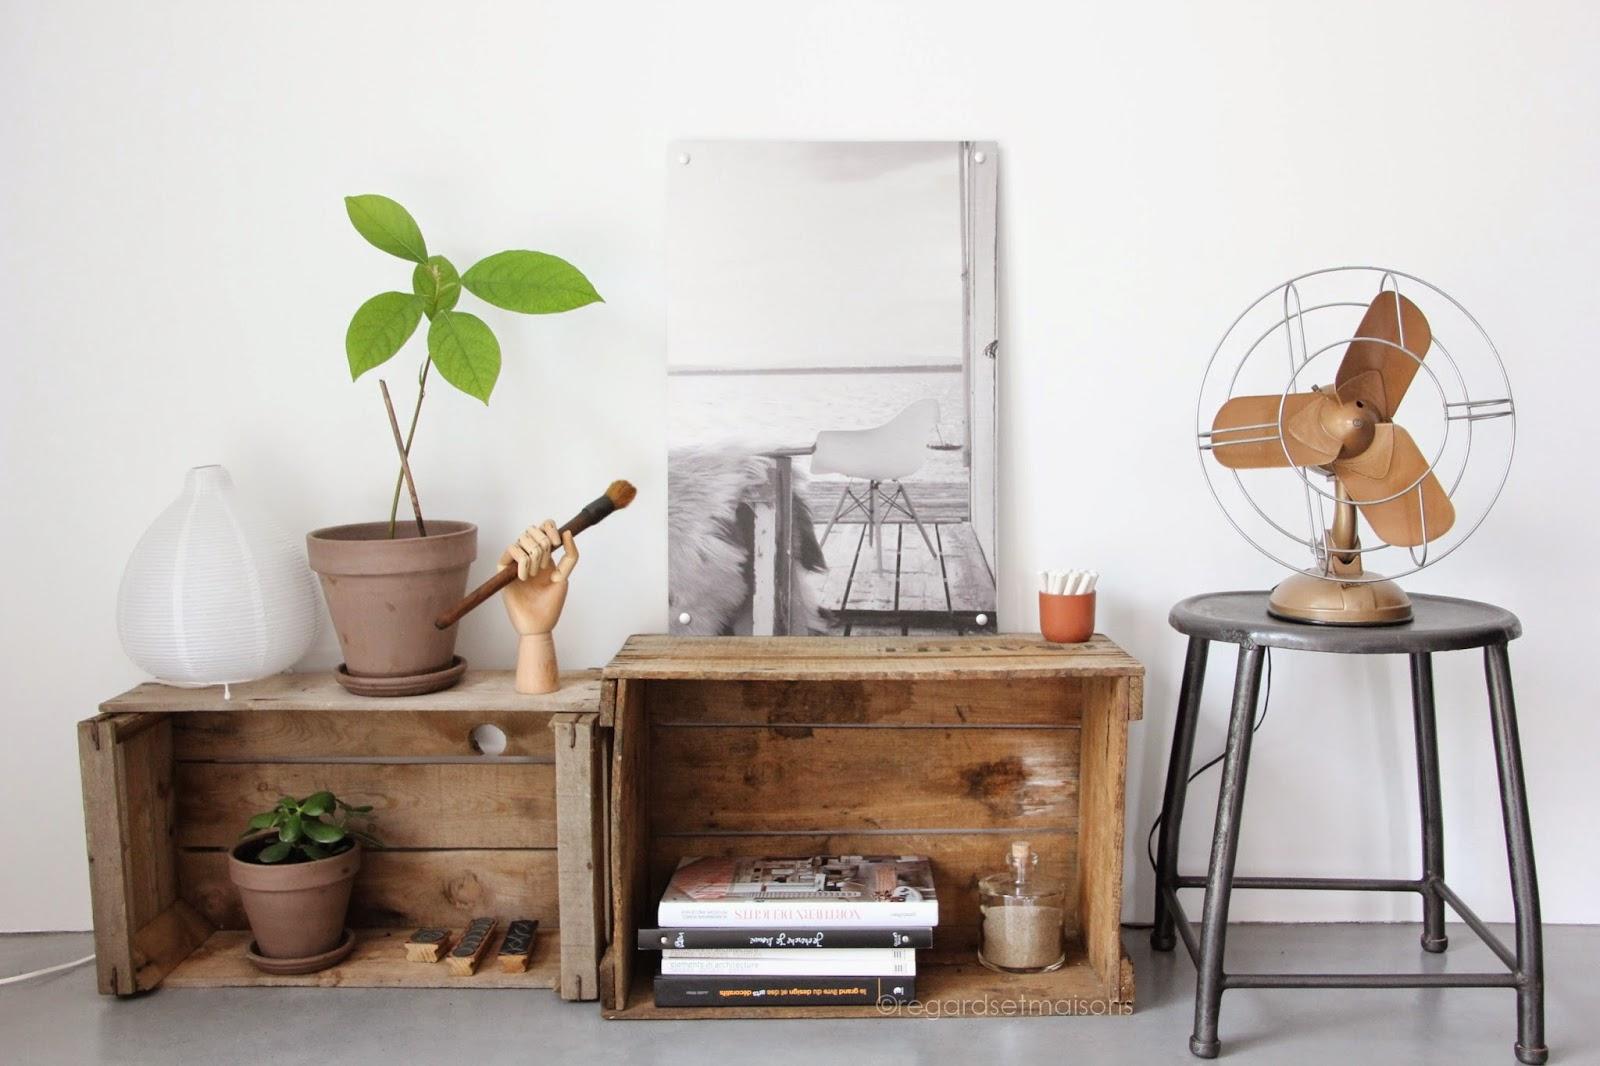 visite priv e blogueur chez nathalie regardes et maisons decouvrirdesign. Black Bedroom Furniture Sets. Home Design Ideas